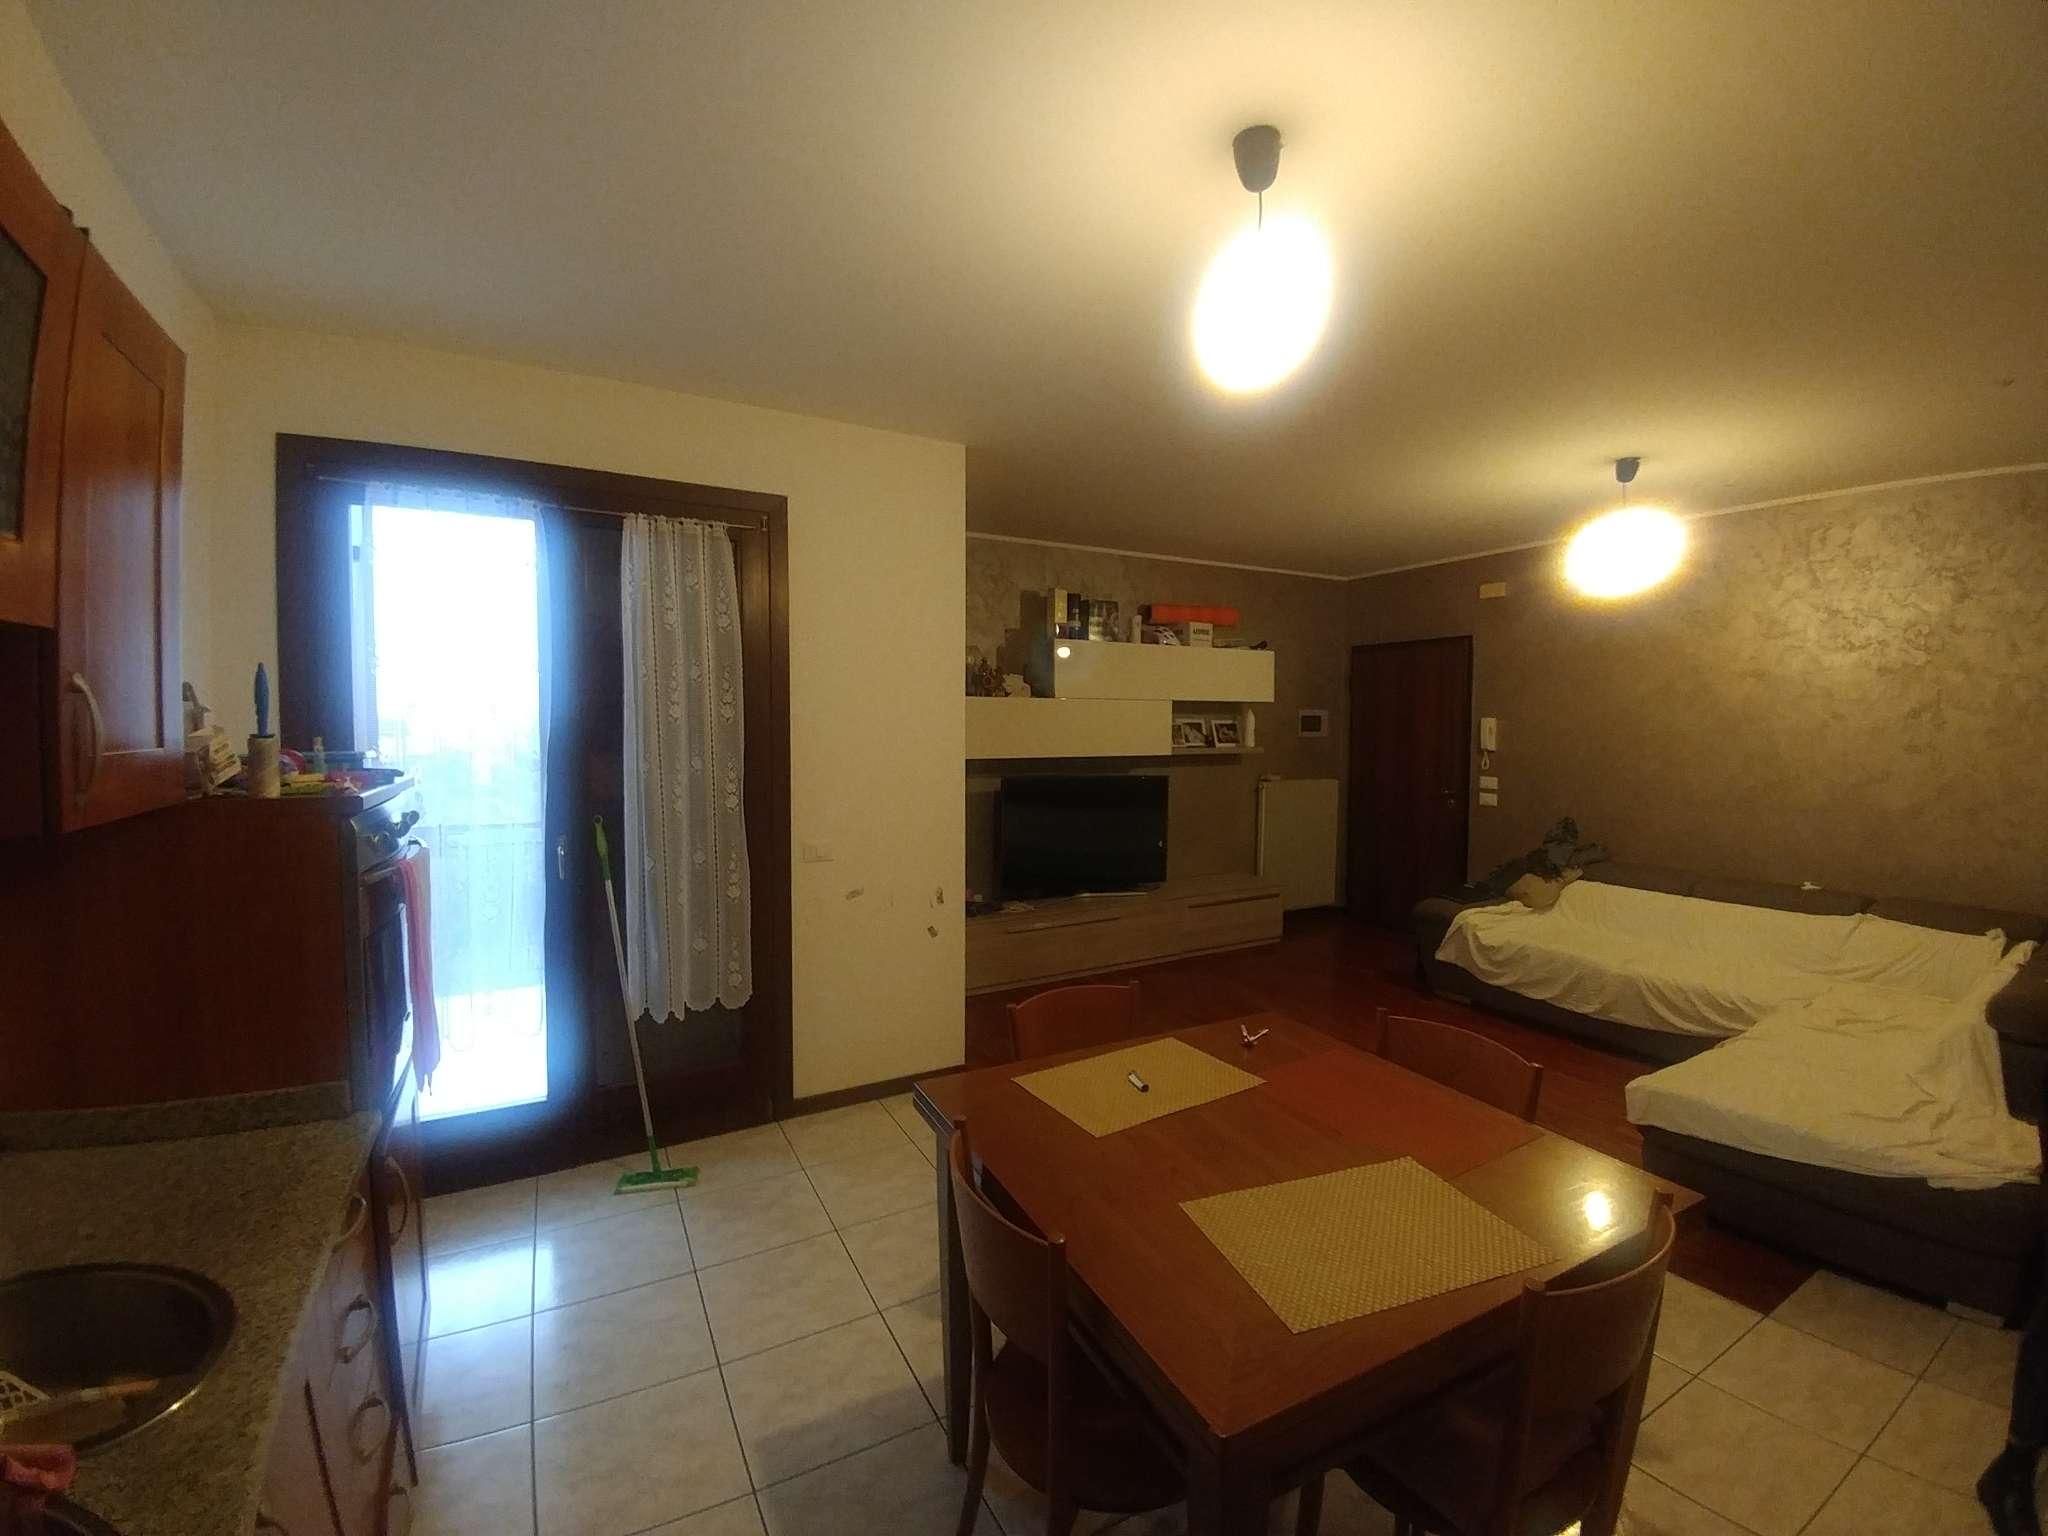 Appartamento in vendita a Quinto di Treviso, 5 locali, prezzo € 110.000 | CambioCasa.it